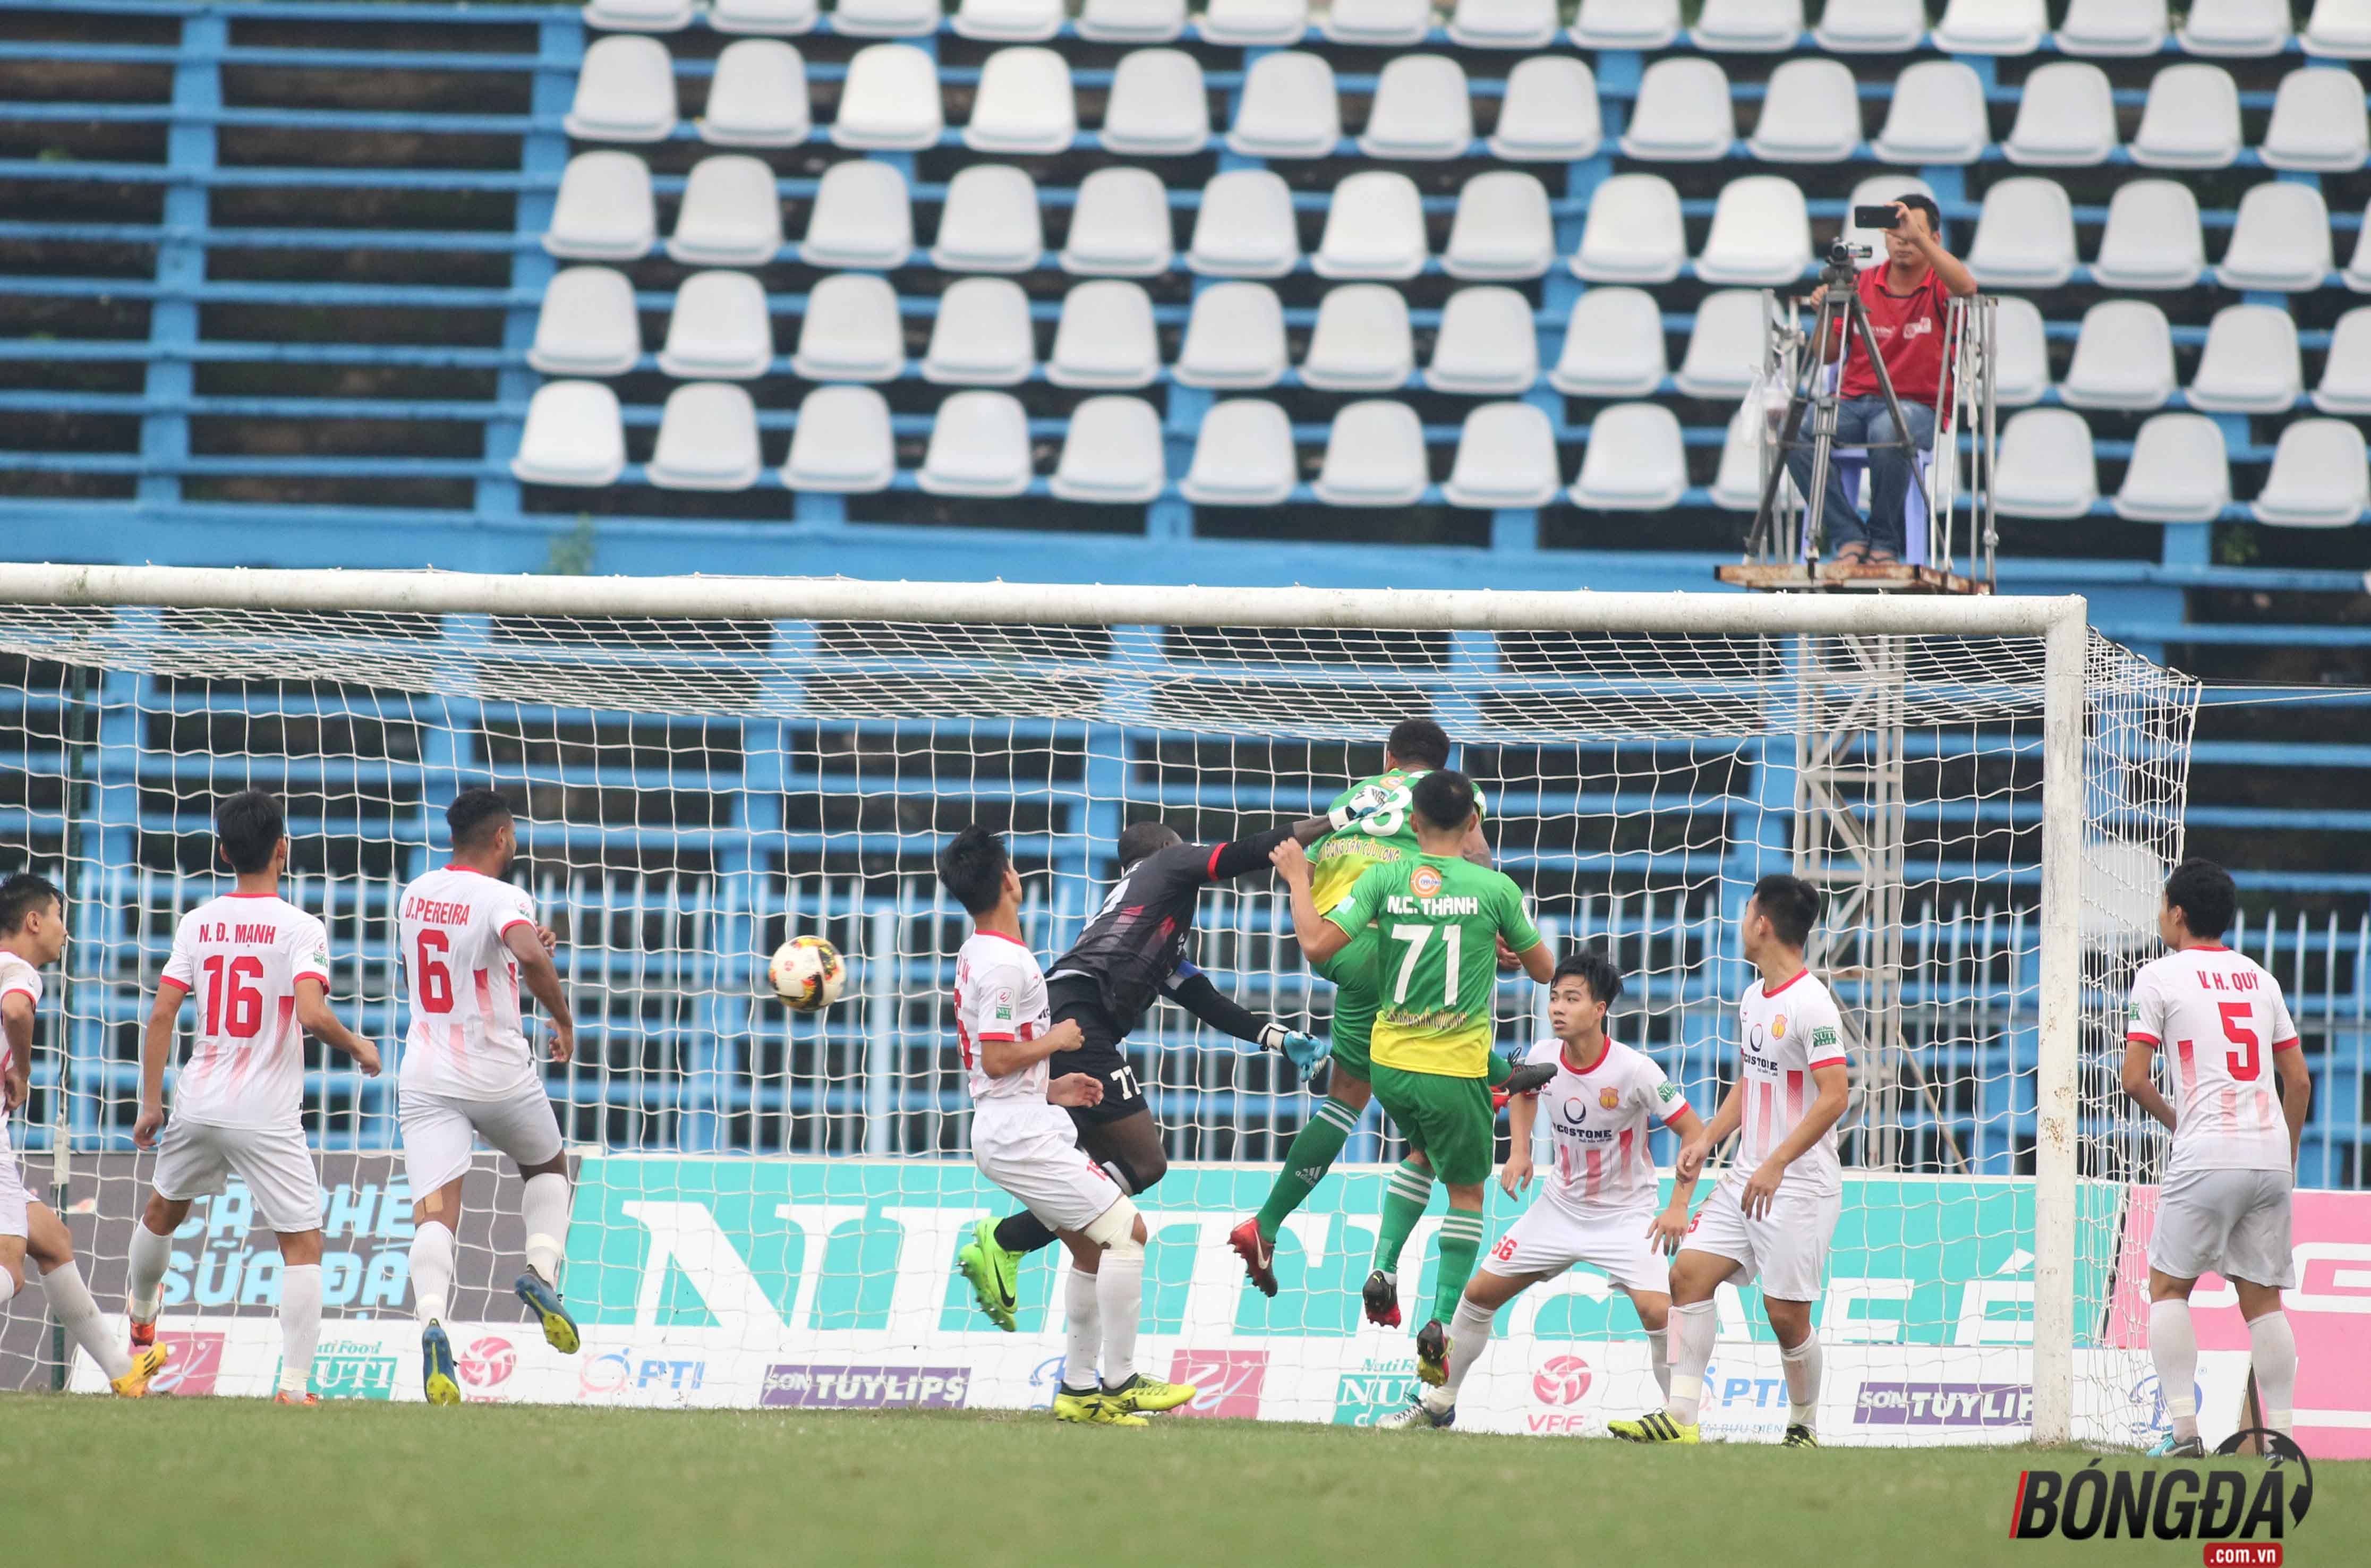 Hòa như thắng trên sân Cần Thơ, CĐV Nam Định quậy tưng bừng - Bóng Đá